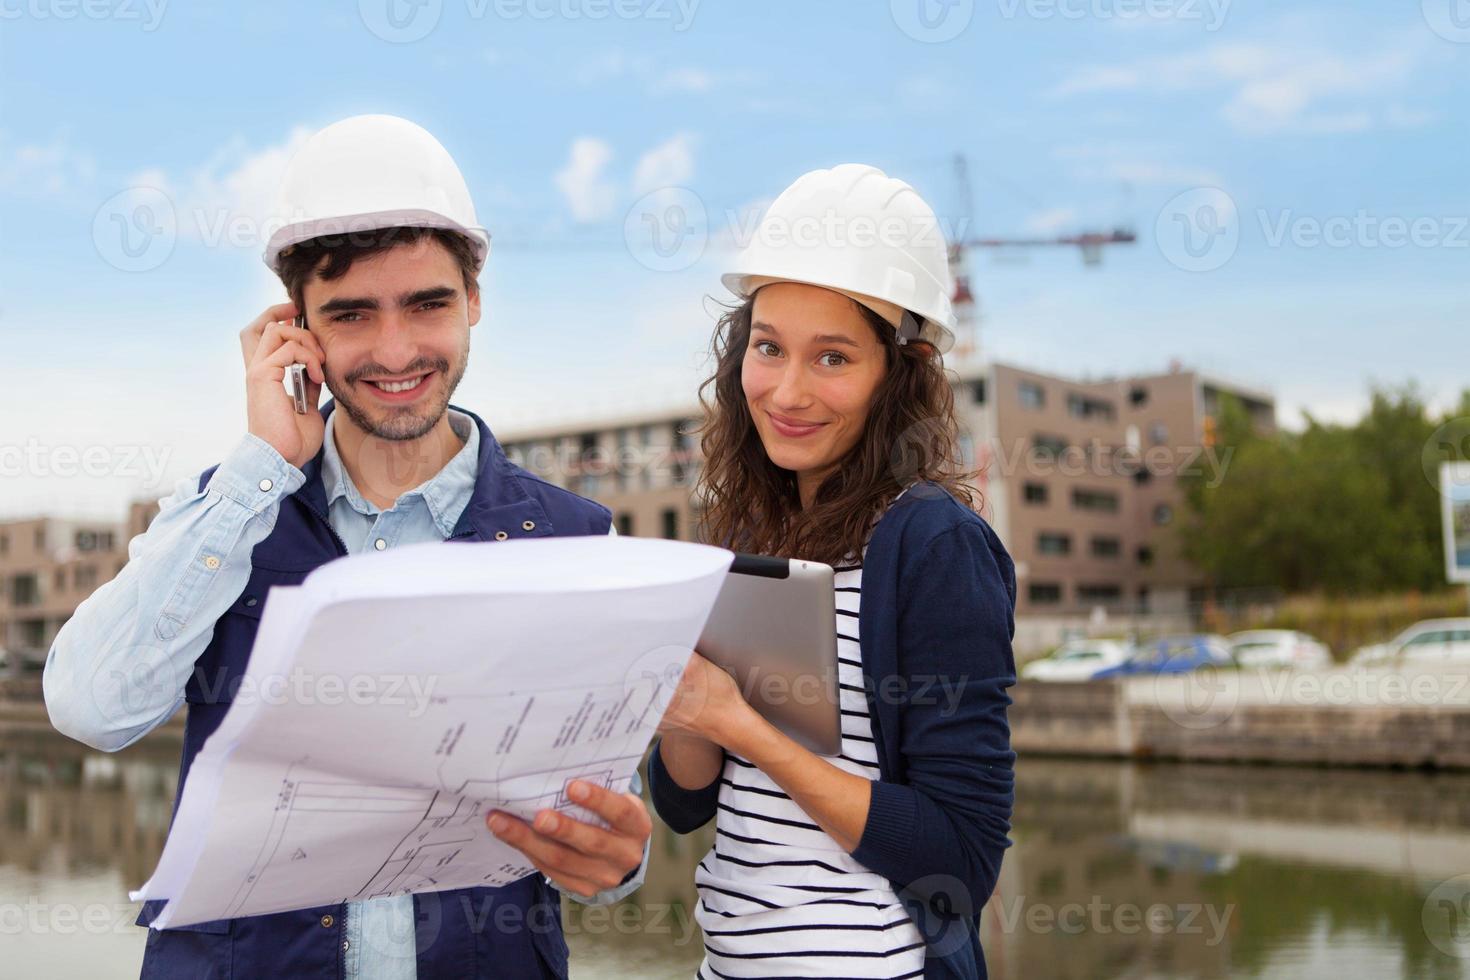 femme architecte et superviseur de chantier photo